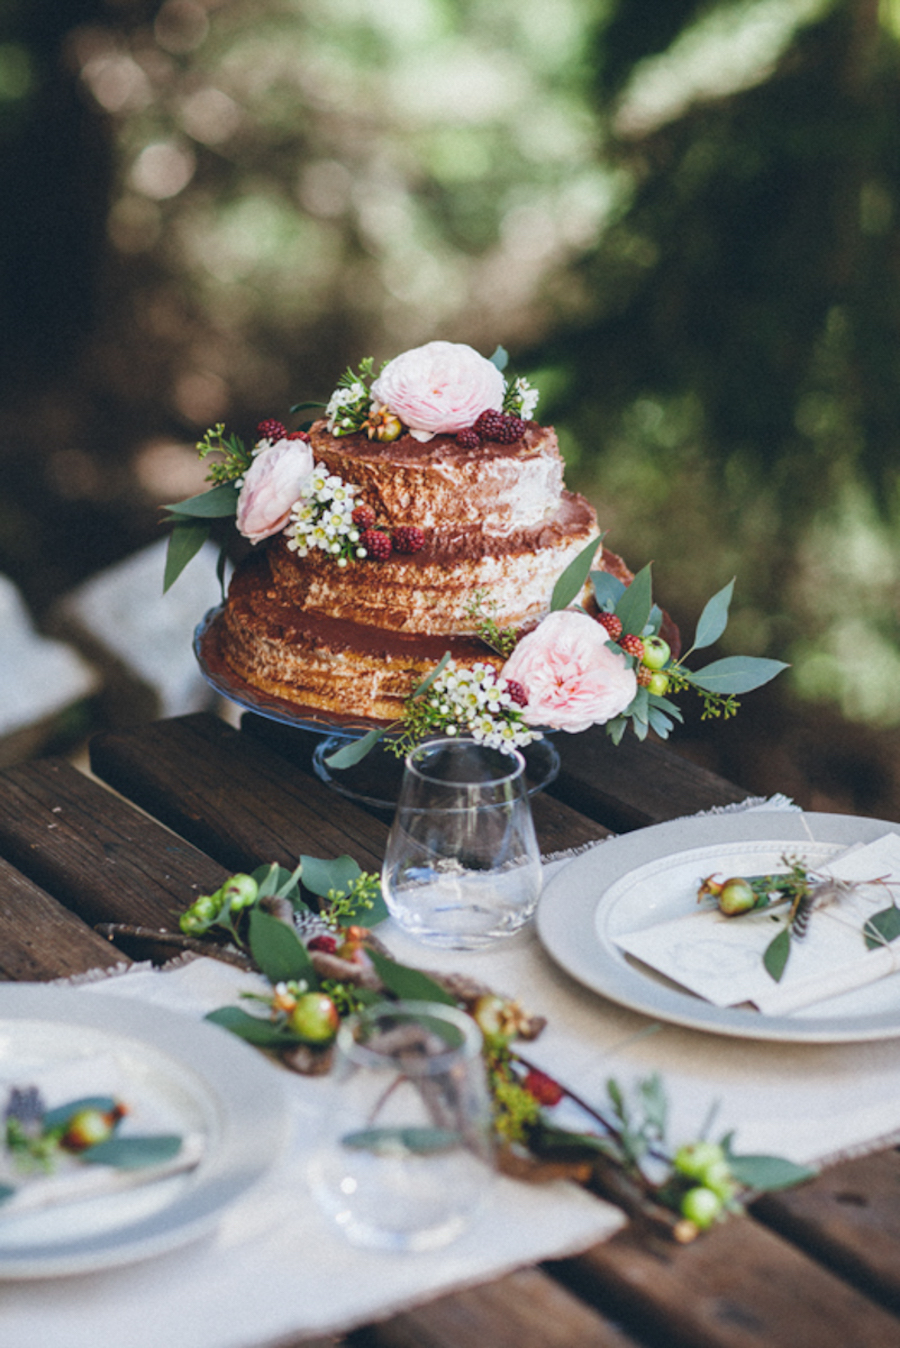 matrimonio-boho-chic-e-naturale-sweetphotofactory-wedding-wonderland-06